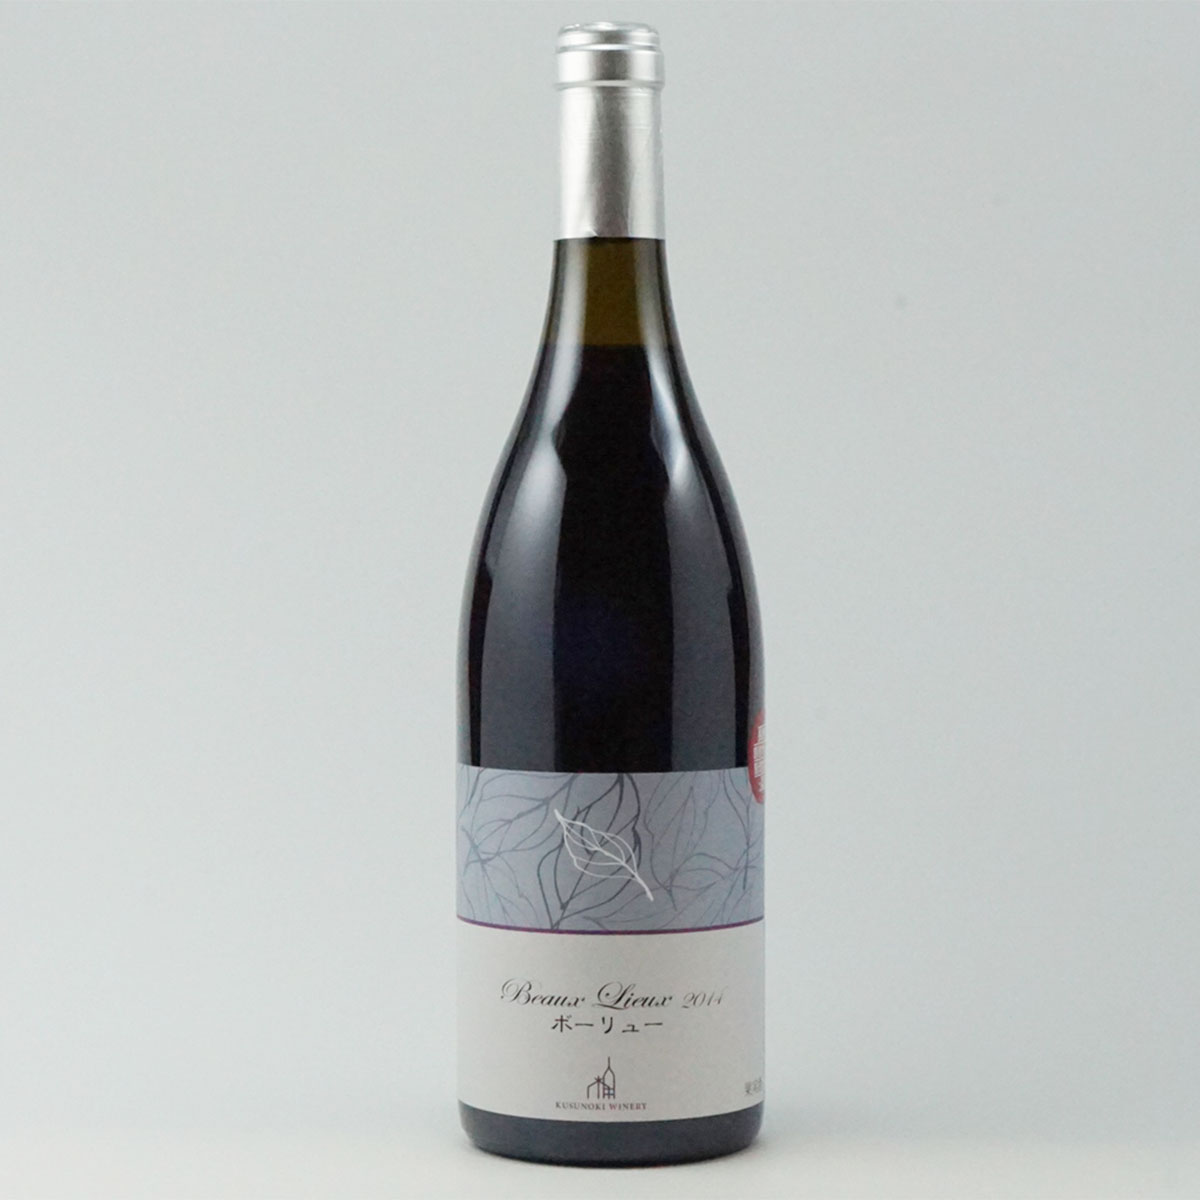 ふるさと納税ボーリュー(赤)1本ワイン・お酒・洋酒・ぶどう・葡萄・ブドウ・赤ワイン